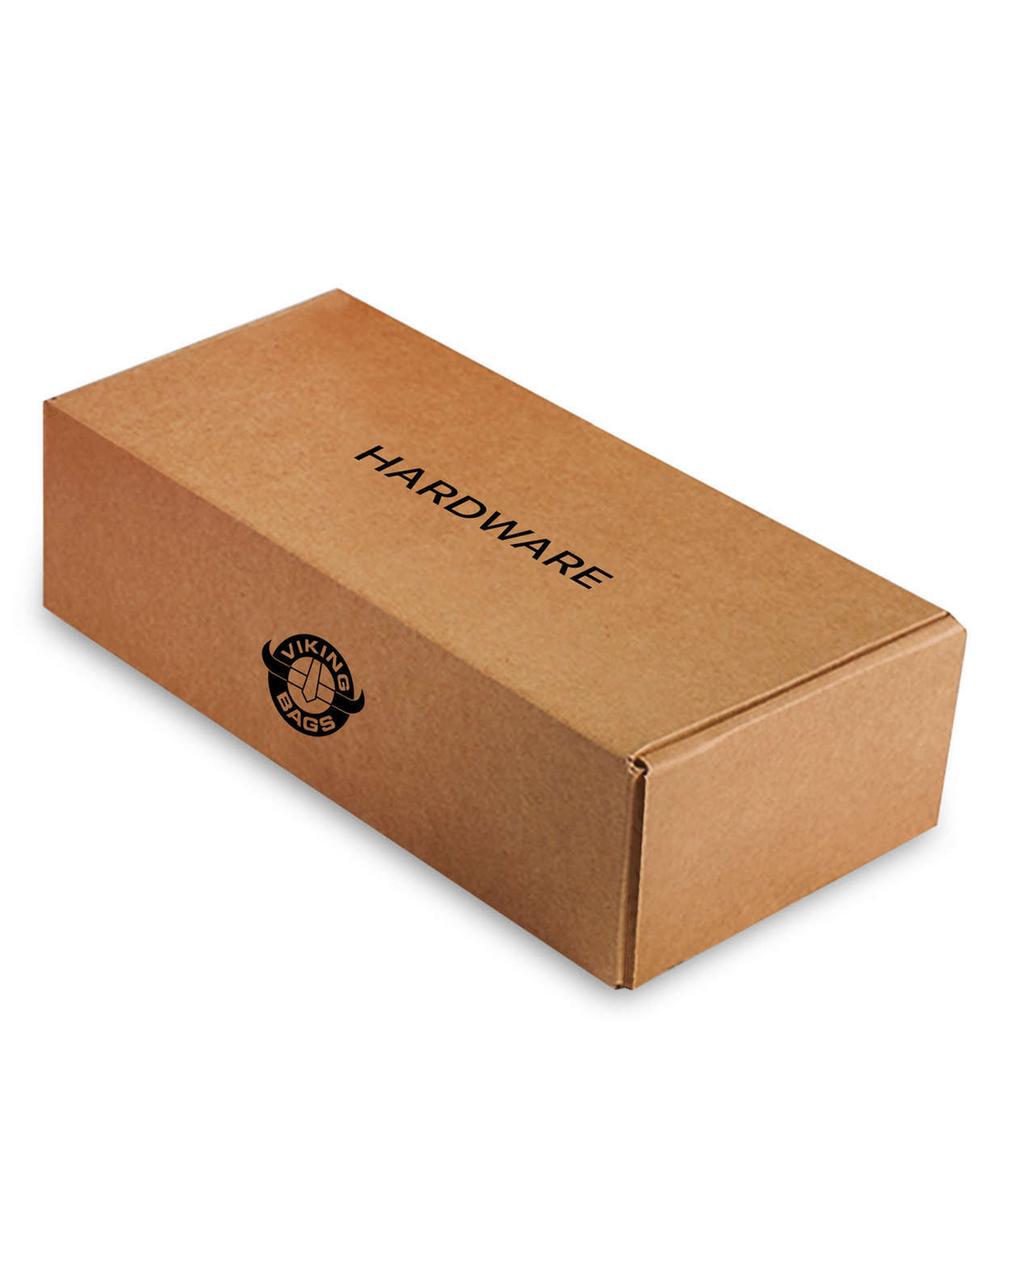 Honda VTX 1800 F Viking Lamellar Slanted Leather Covered Motorcycle Hard Saddlebags Hardware Box